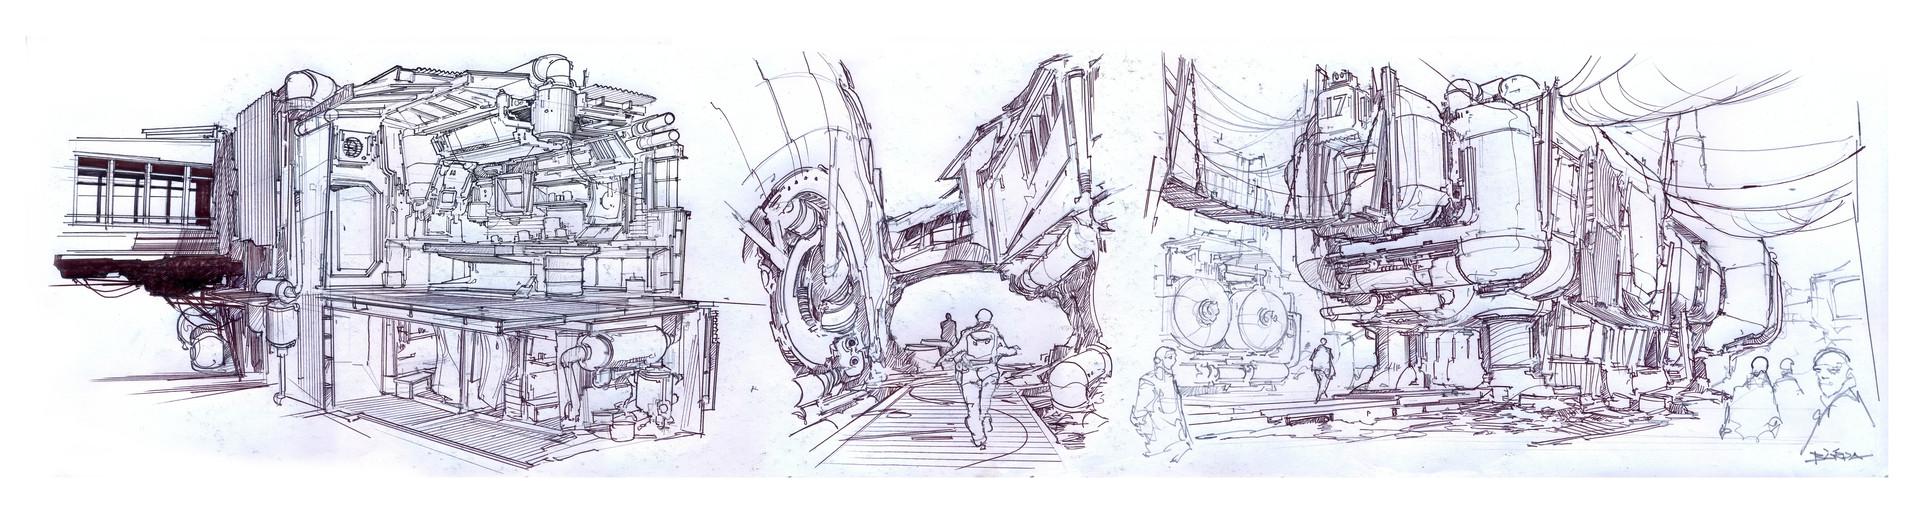 Alejandro burdisio bocetos tek4